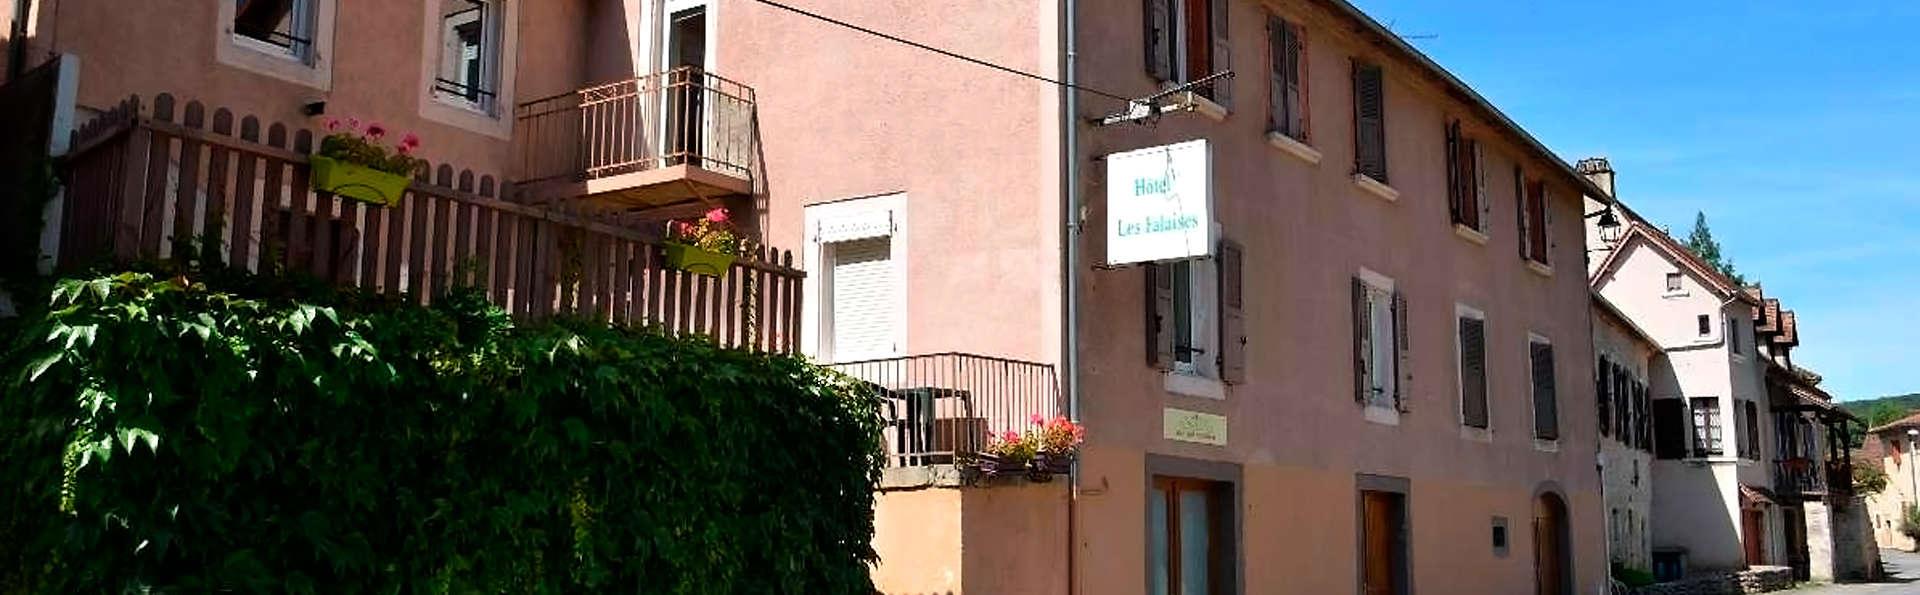 Hôtel Restaurant Les Falaises - edit_front1.jpg